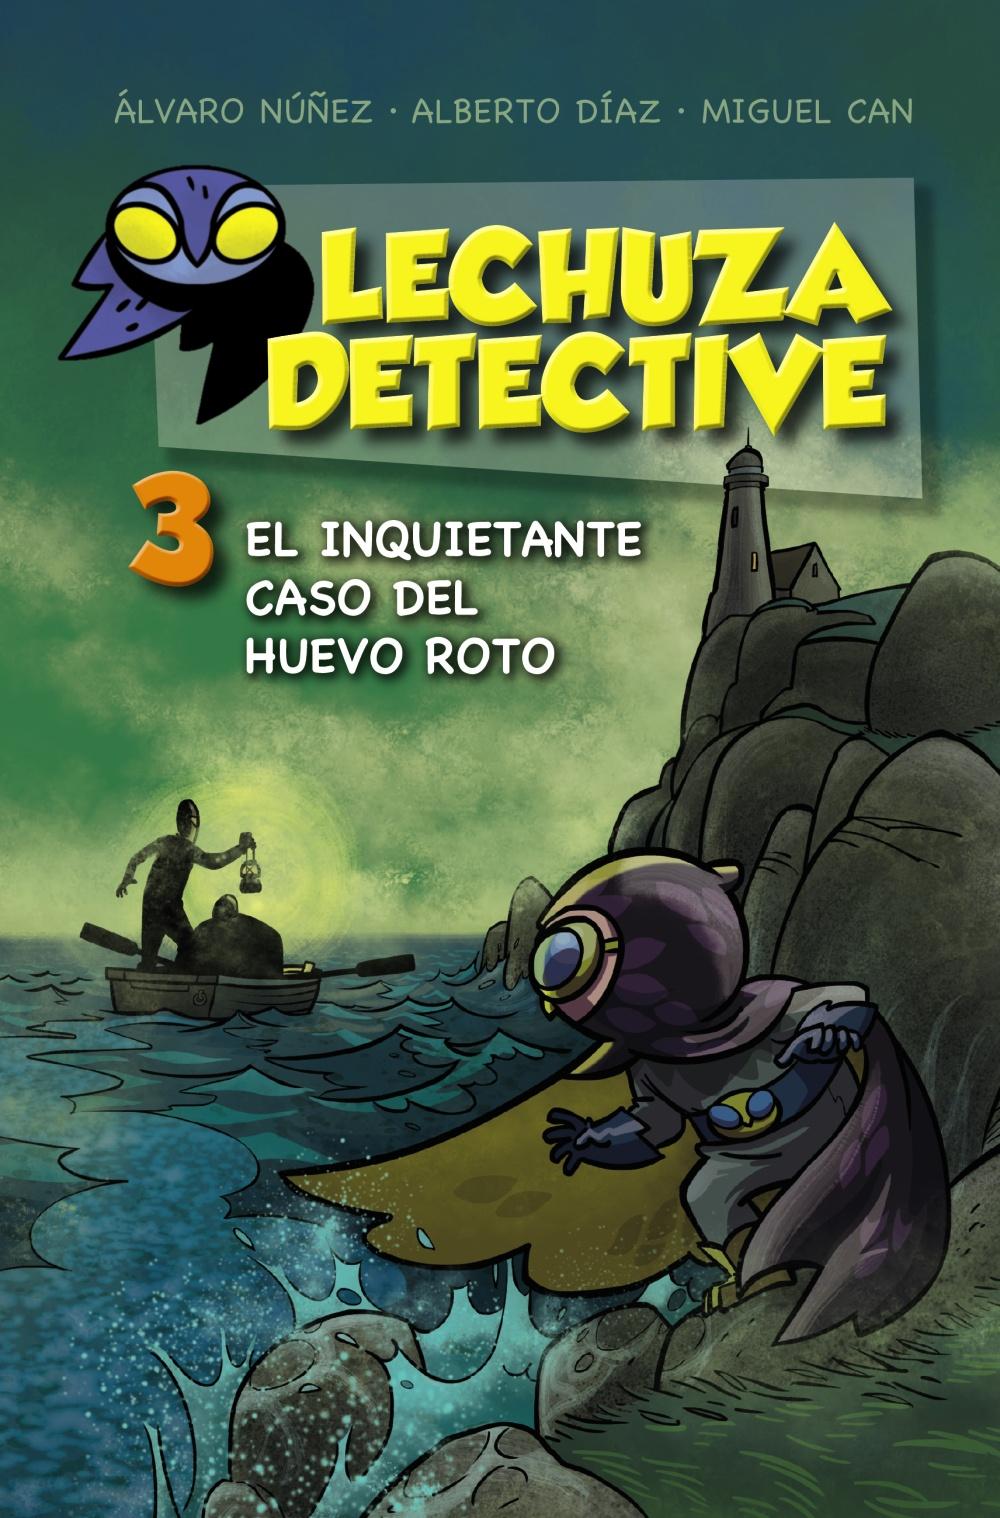 https://librarium.educarex.es/opac?id=00908824